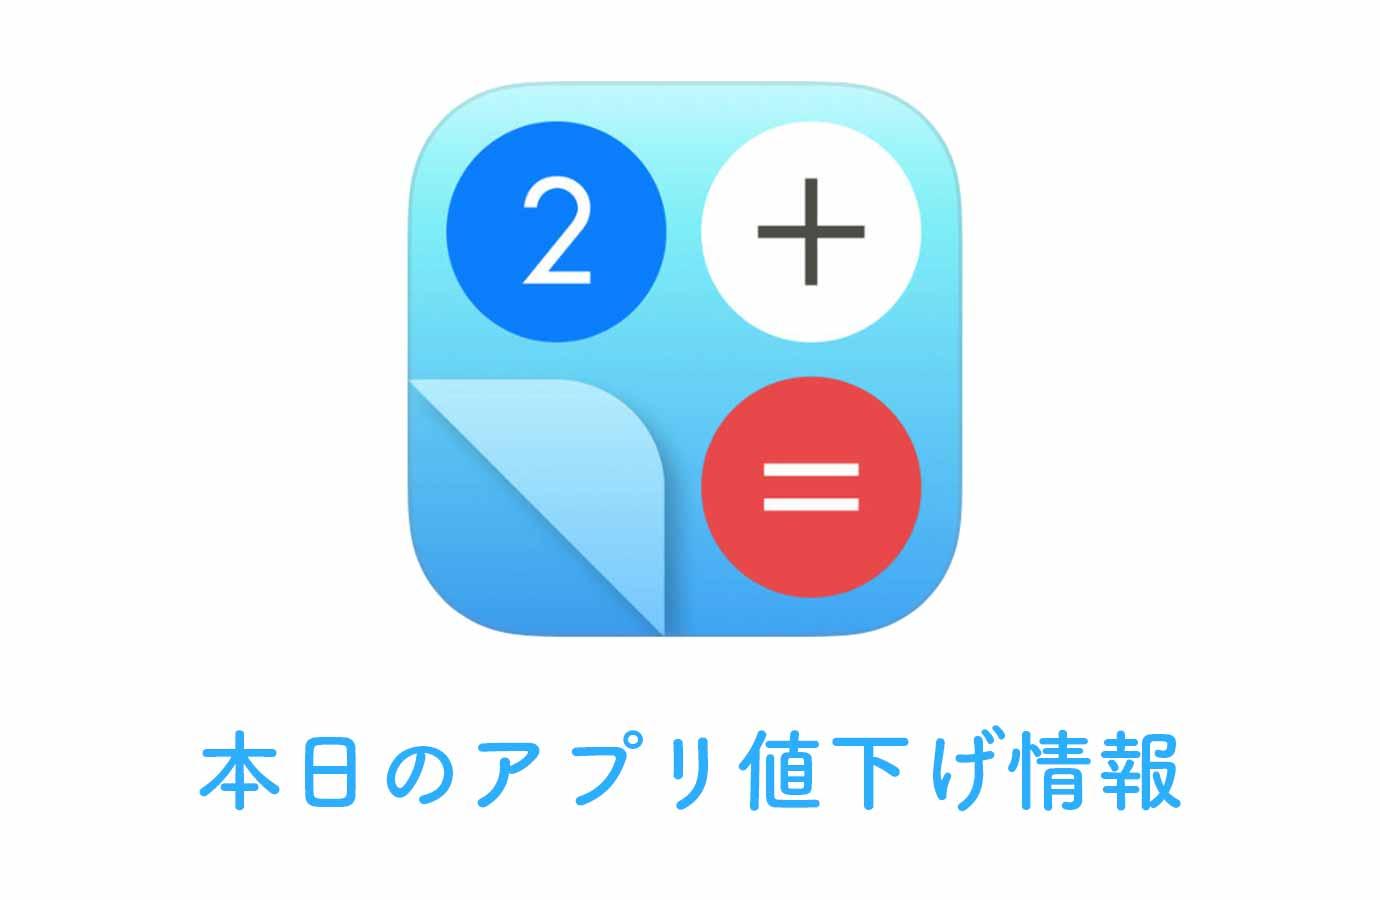 600円→120円!メモしながら使える電卓アプリ「メモれる電卓 FusionCalc2 Pro」など【1/2】アプリ値下げ情報